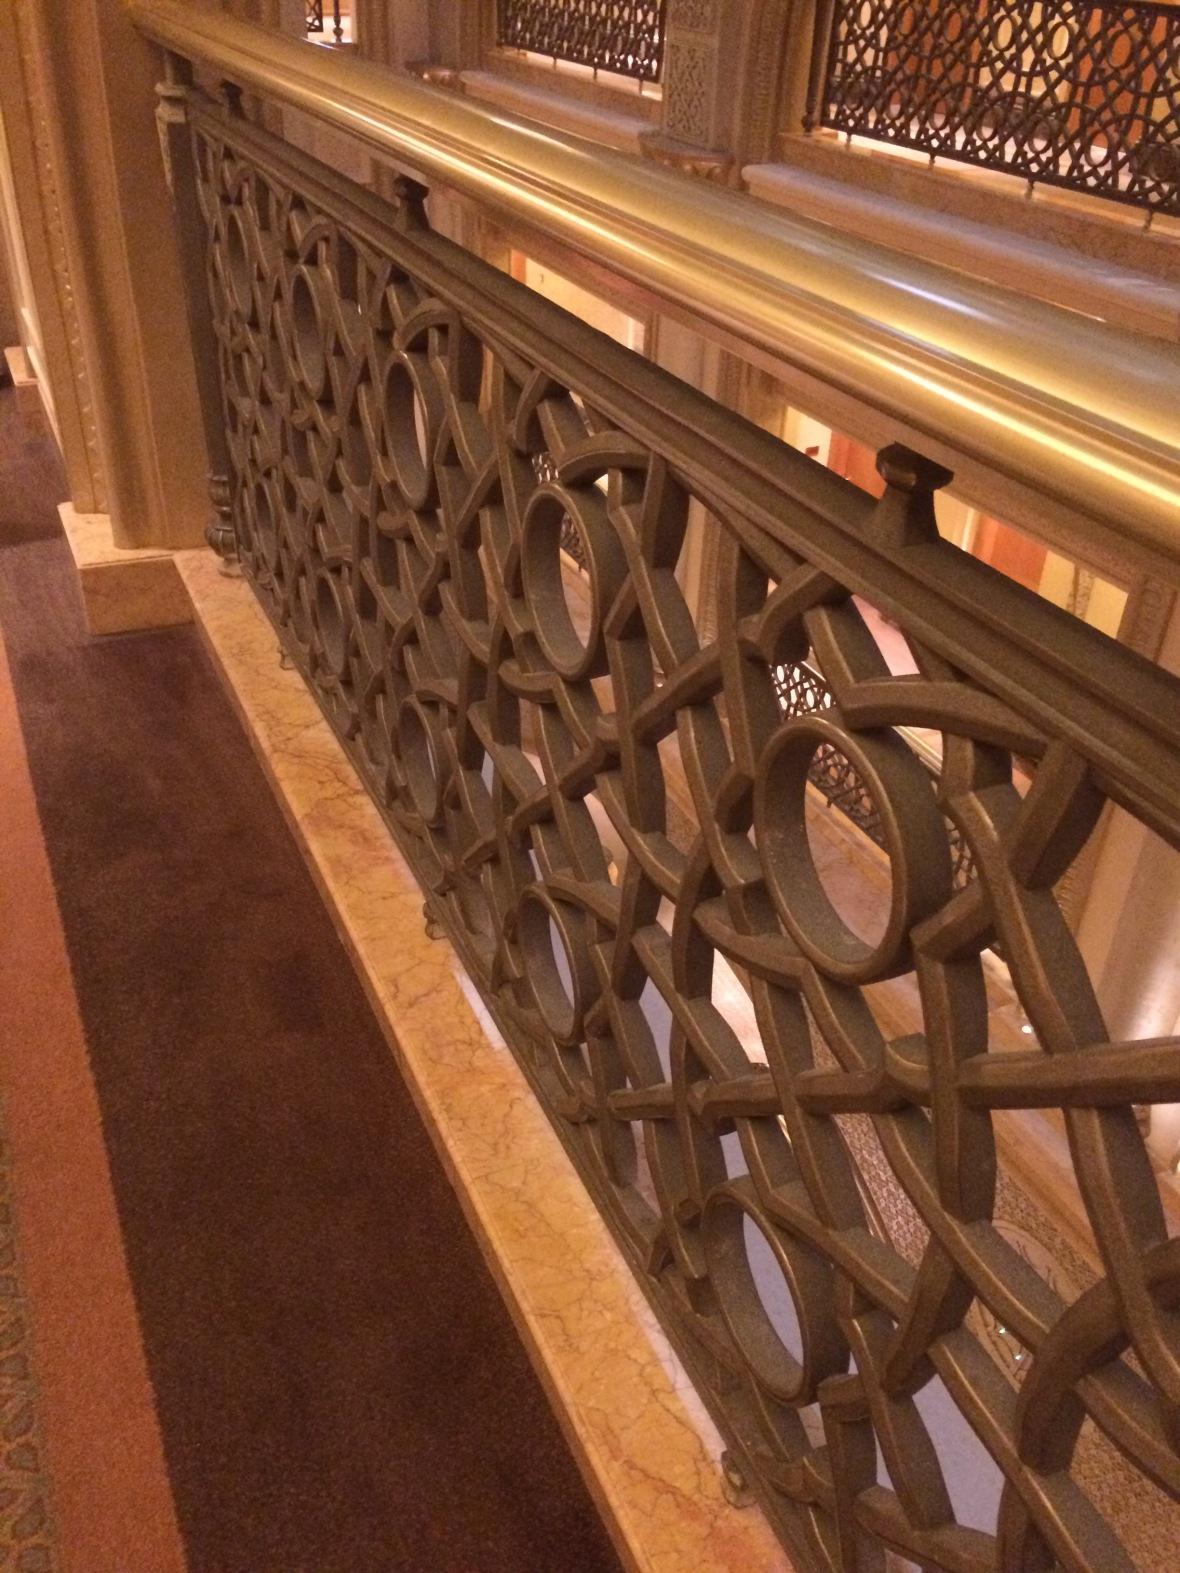 Banisters, Emirates Palace Hotel, Abu Dhabi, UAE